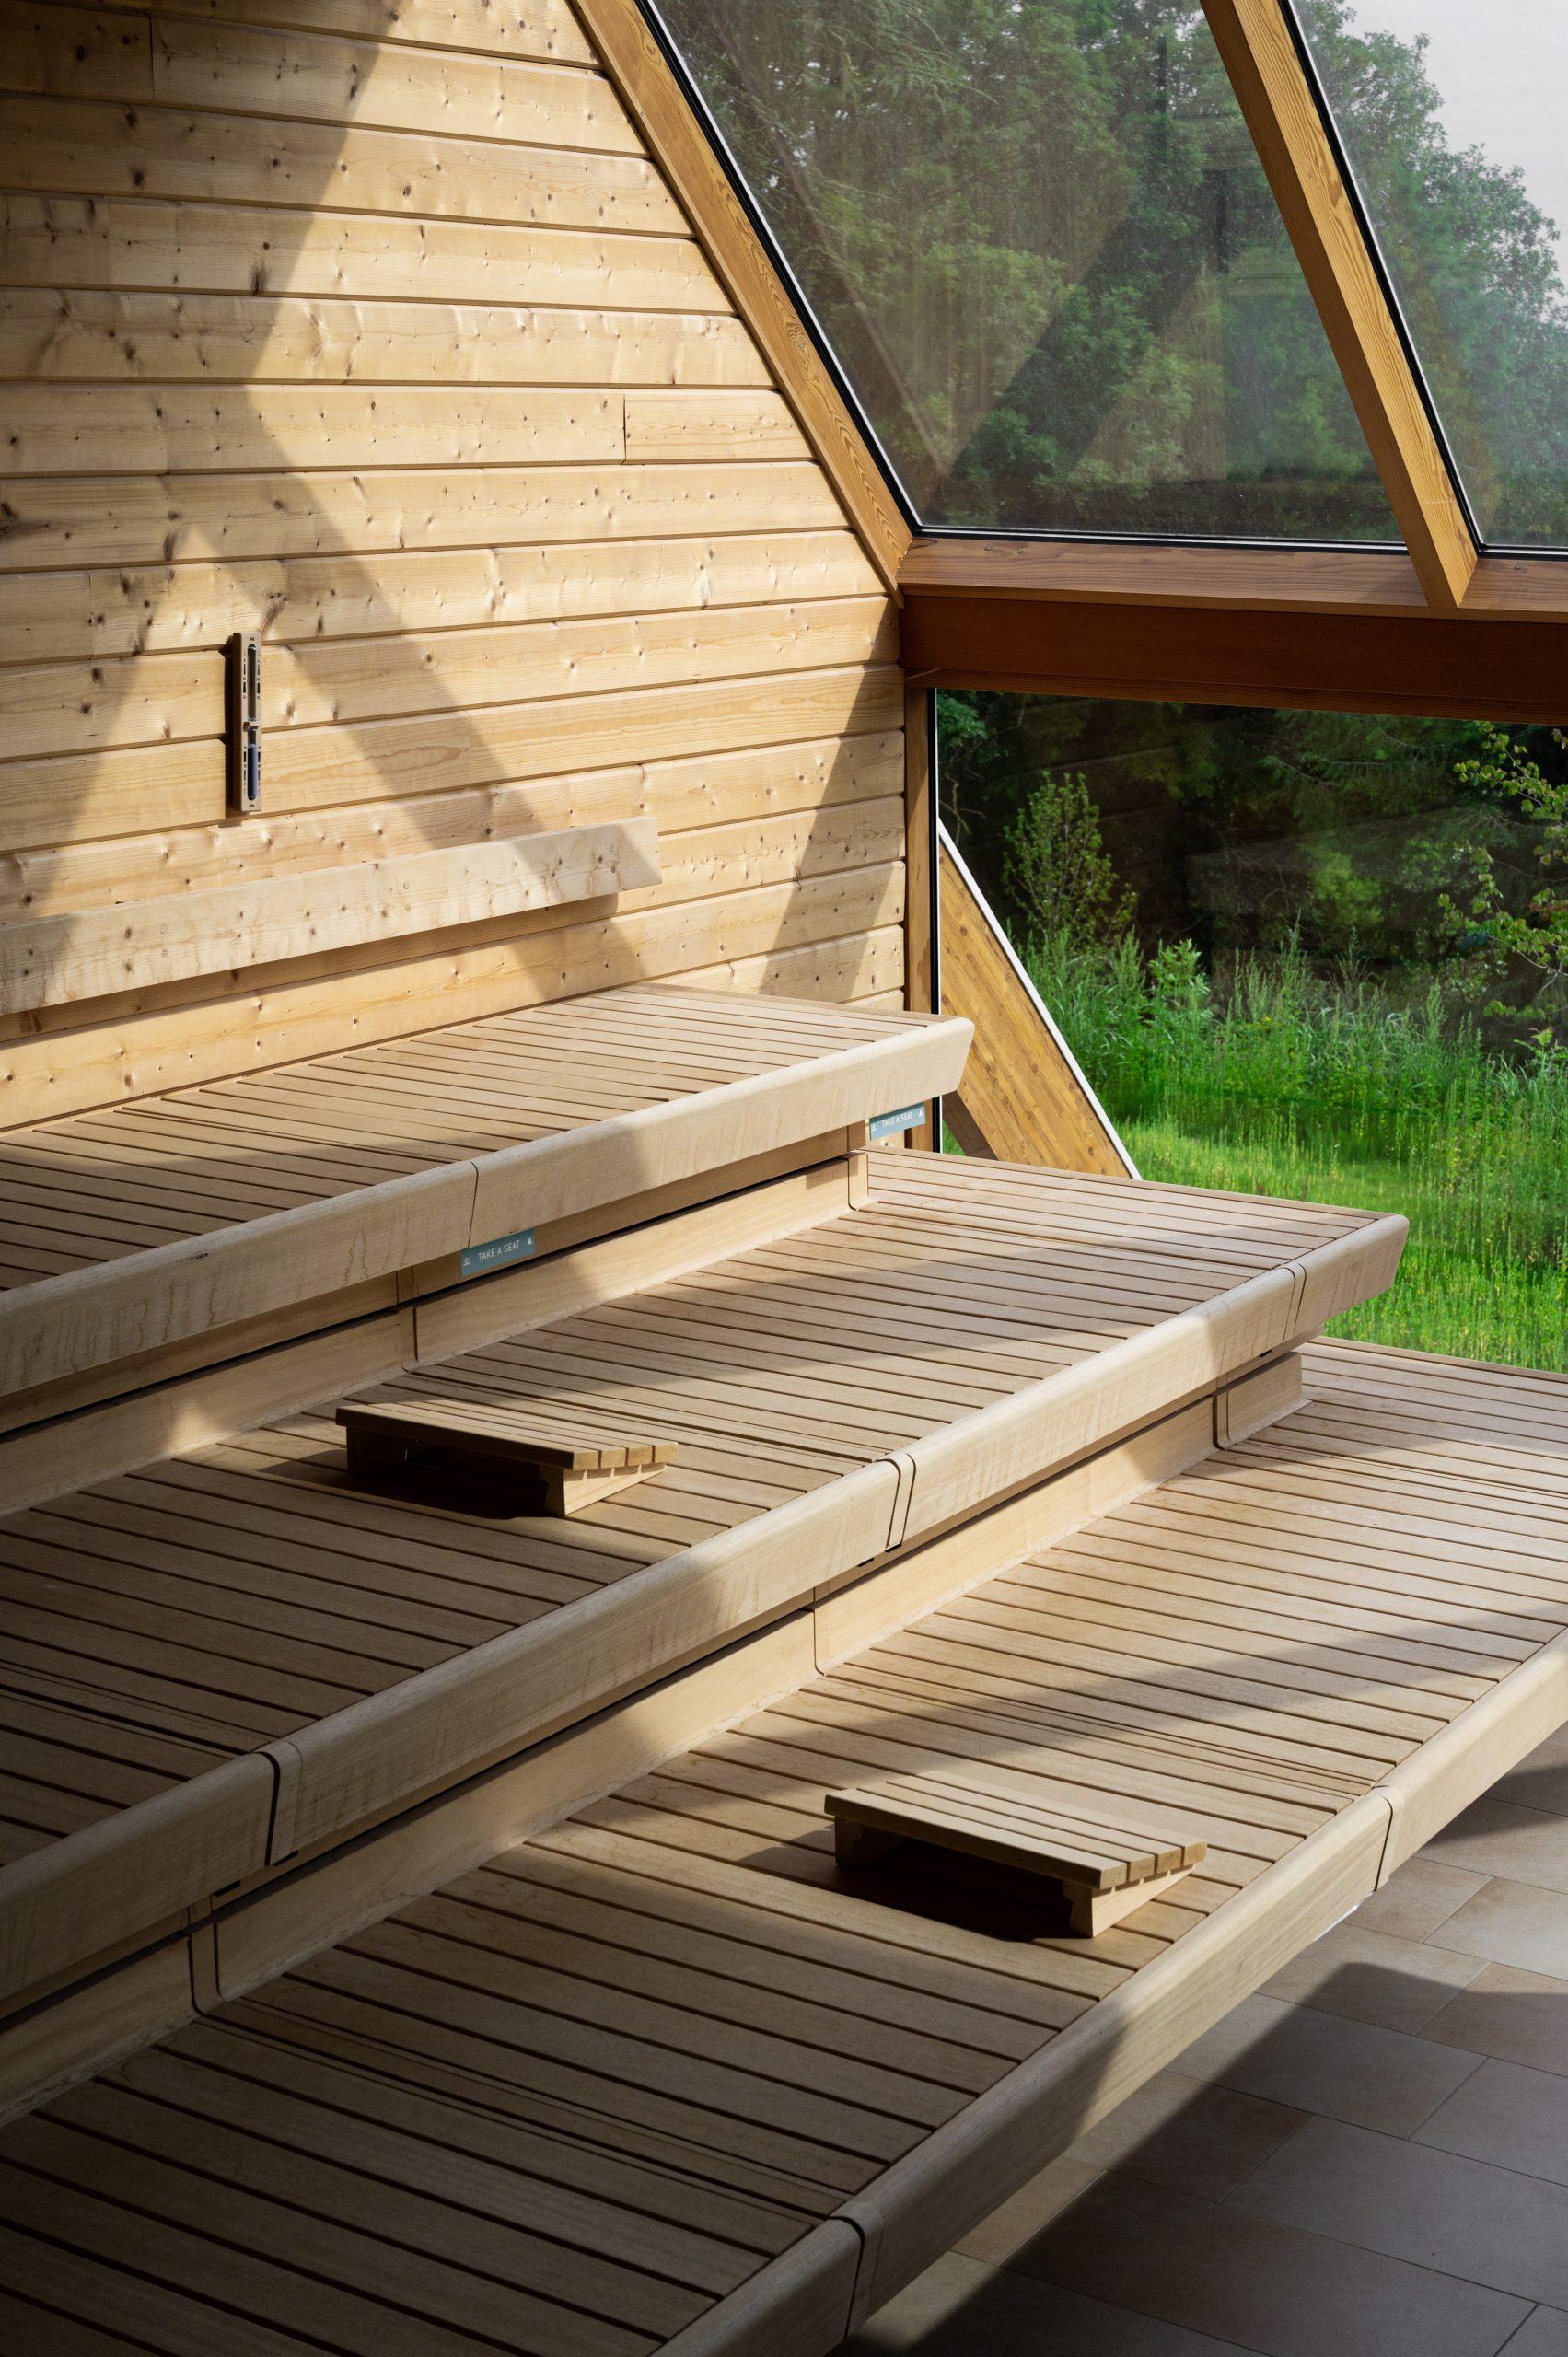 Thermae 2000 sauna seats